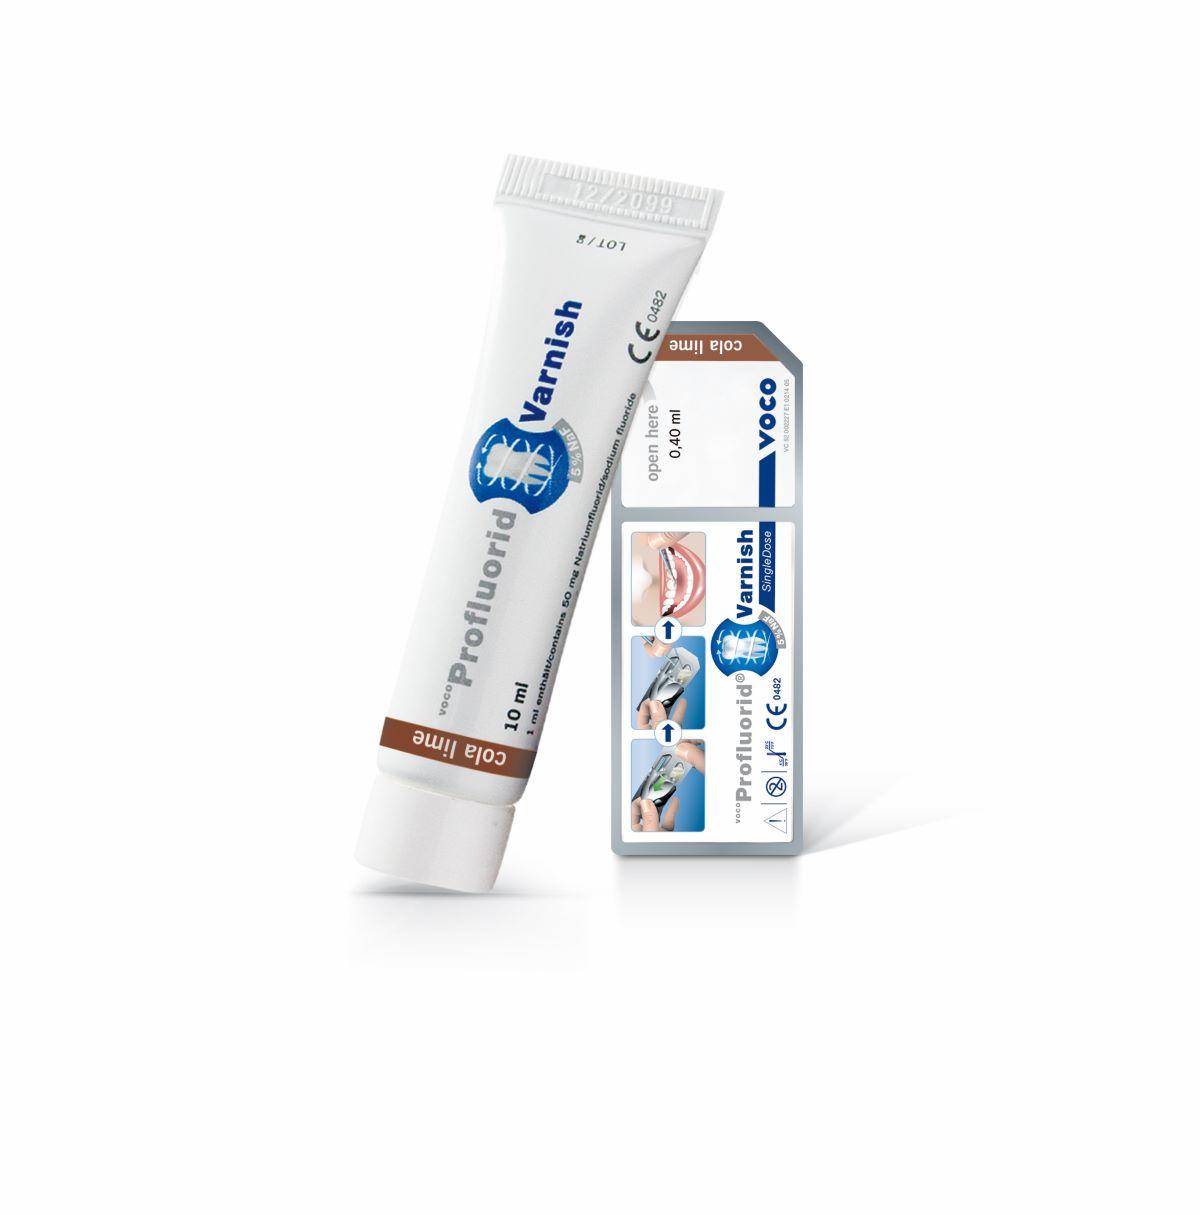 VOCO Profluorid Varnish est idéal pour le traitement de dents hypersensibles et